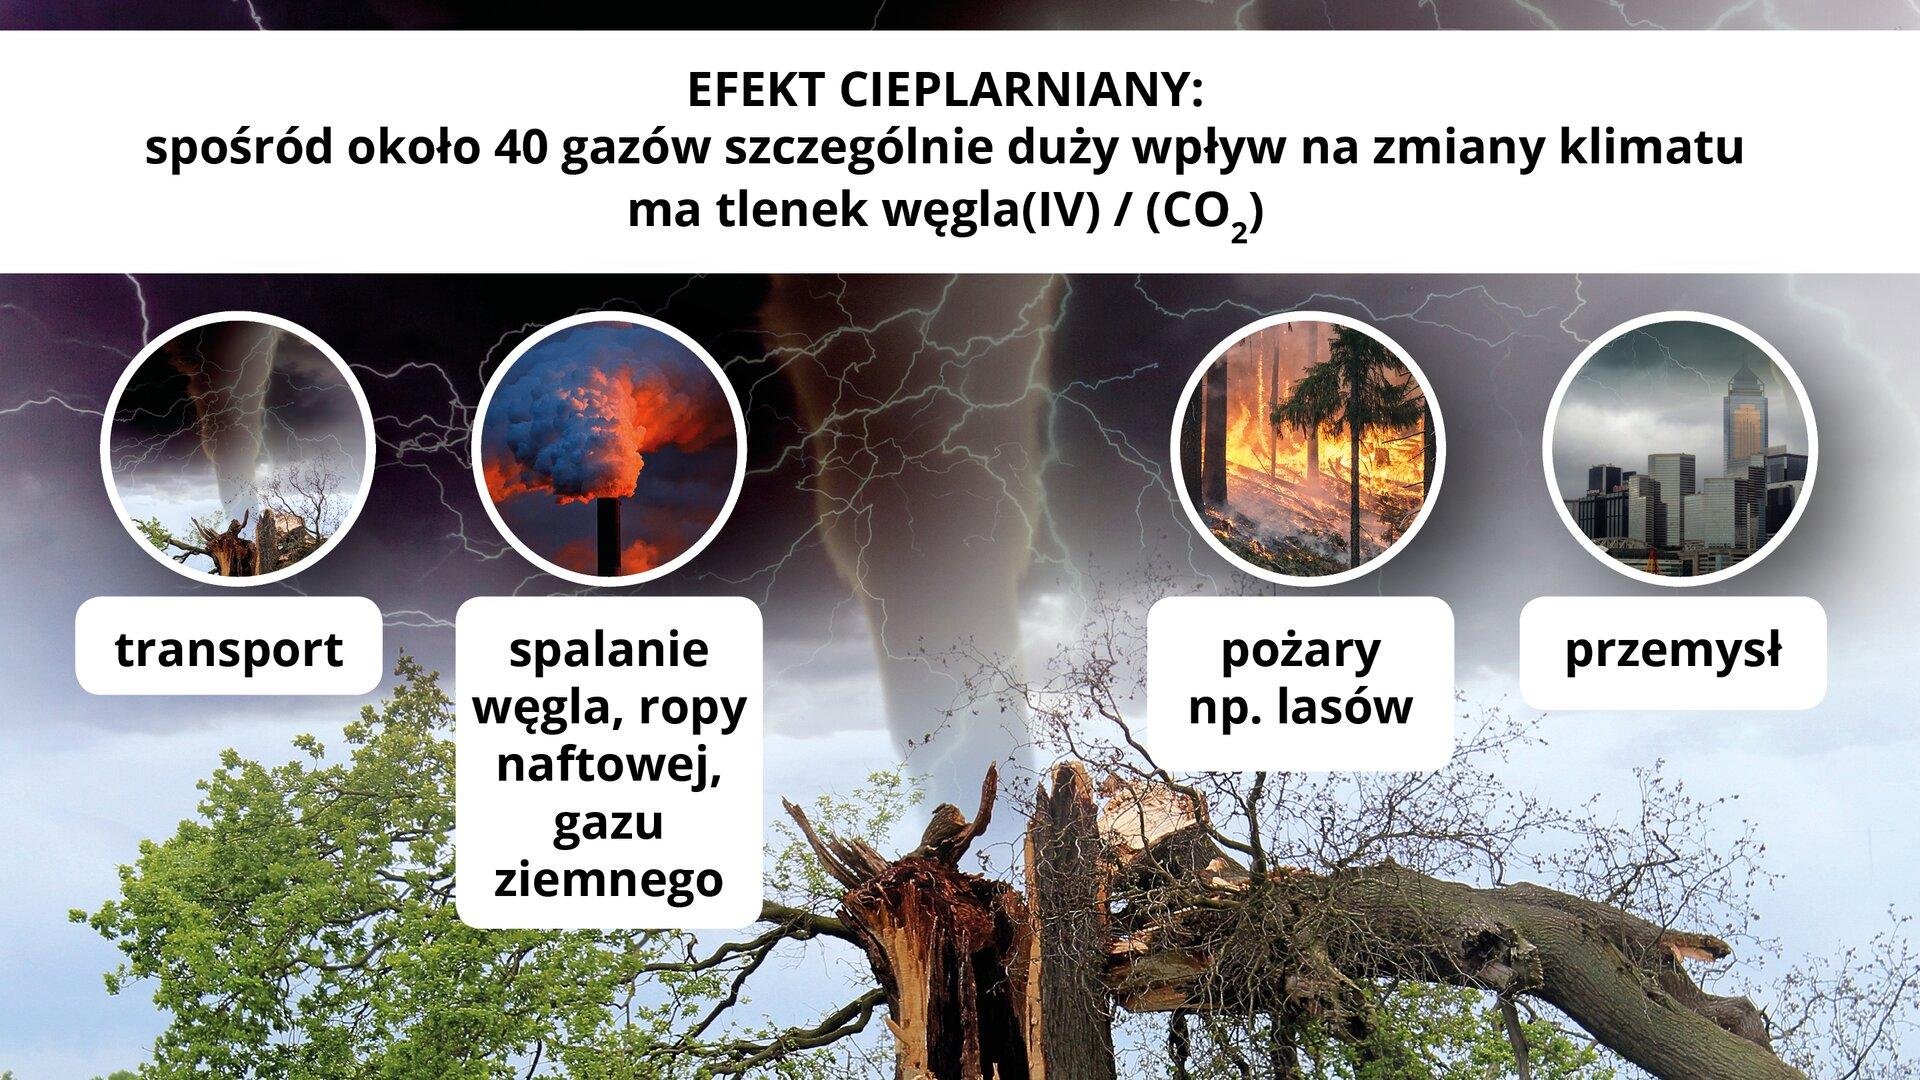 """Ilustracja ma nagłówek: """"Efekt cieplarniany: spośród około czterdziestu gazów szczególnie duży wpływ na zmiany klimatu ma tlenek węgla cztery"""". Poniżej przedstawione jest drzewo złamane na skutek występowania kwaśnych deszczy igwałtownych zmian pogodowych, na przykład występowaniu tornad. Ponadto, na ilustracji znajdują się cztery mniejsze okrągłe ilustracje. Pierwsza ilustracja prezentuje to samo złamane drzewo izawiera podpis: """"transport"""". Druga ilustracja przedstawia fabryczny komin oznaczający proces spalania węgla iropy naftowej. Ilustracja ta zawiera podpis: """"spalanie węgla, ropy naftowej, gazu ziemnego"""". Trzecia ilustracja przedstawia pożar lasu izawiera napis: """"pożary na przykład lasów"""". Czwarta ilustracja przedstawia przemysłową część dużego miasta zunoszącym się nad budynkami smogiem ipodpis: """"przemysł""""."""